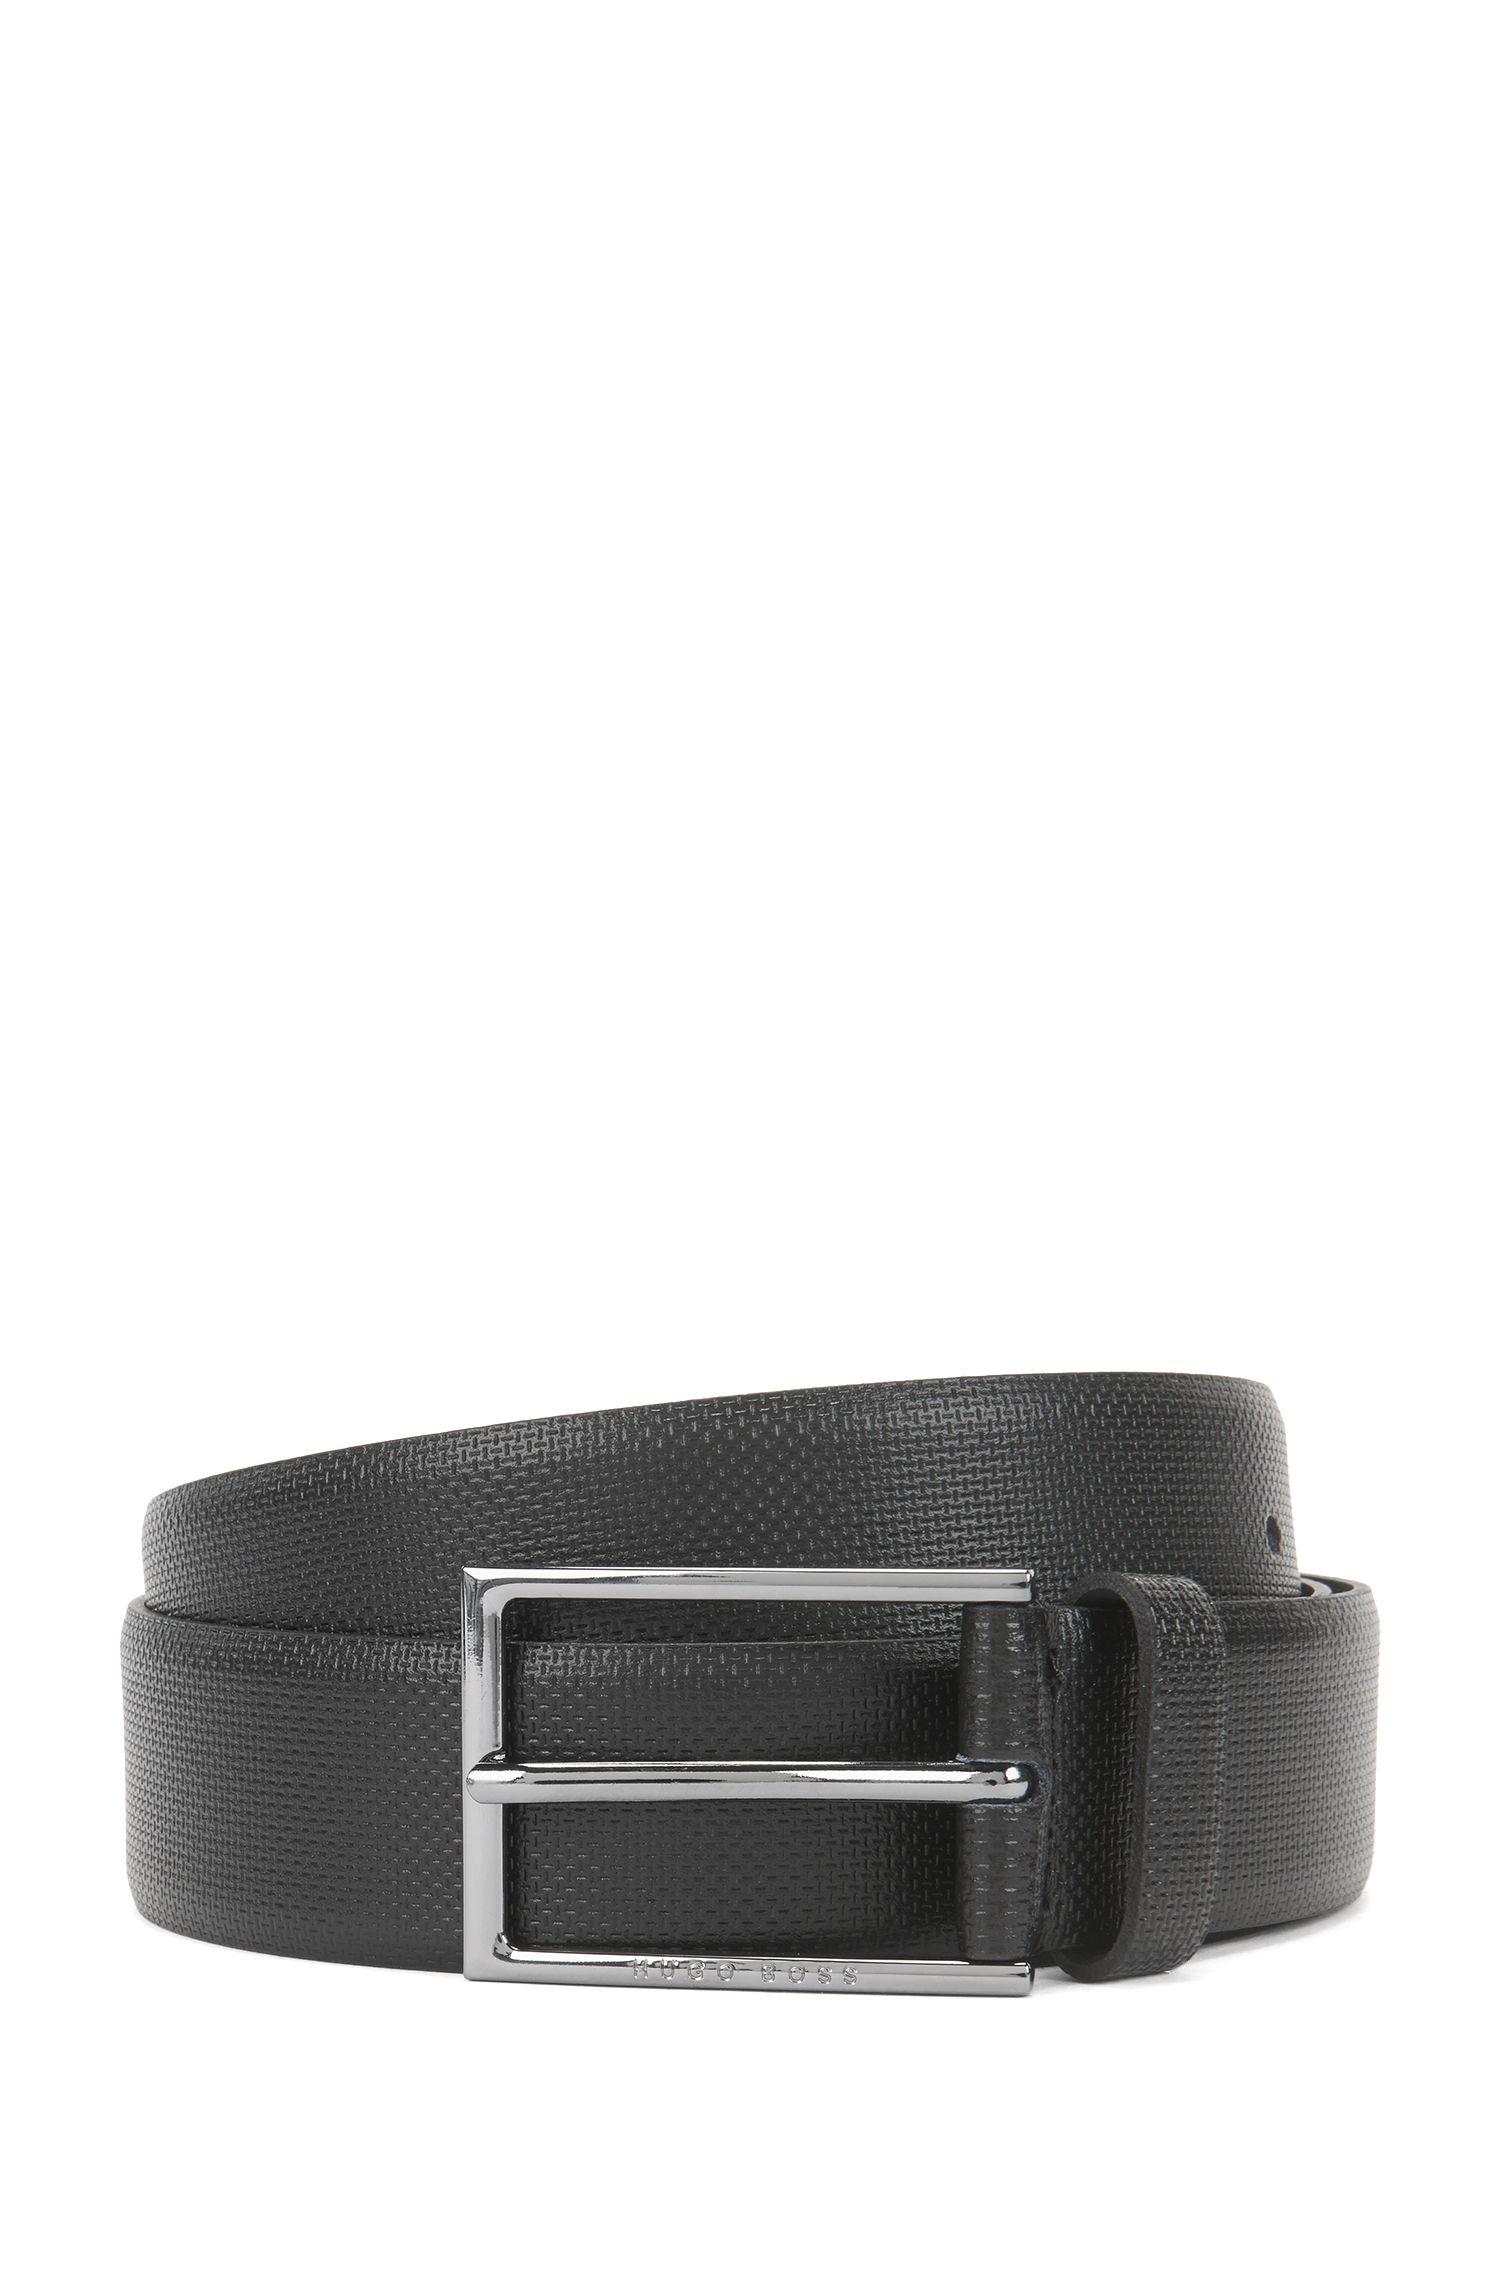 Cinturón de piel con detalle grabado